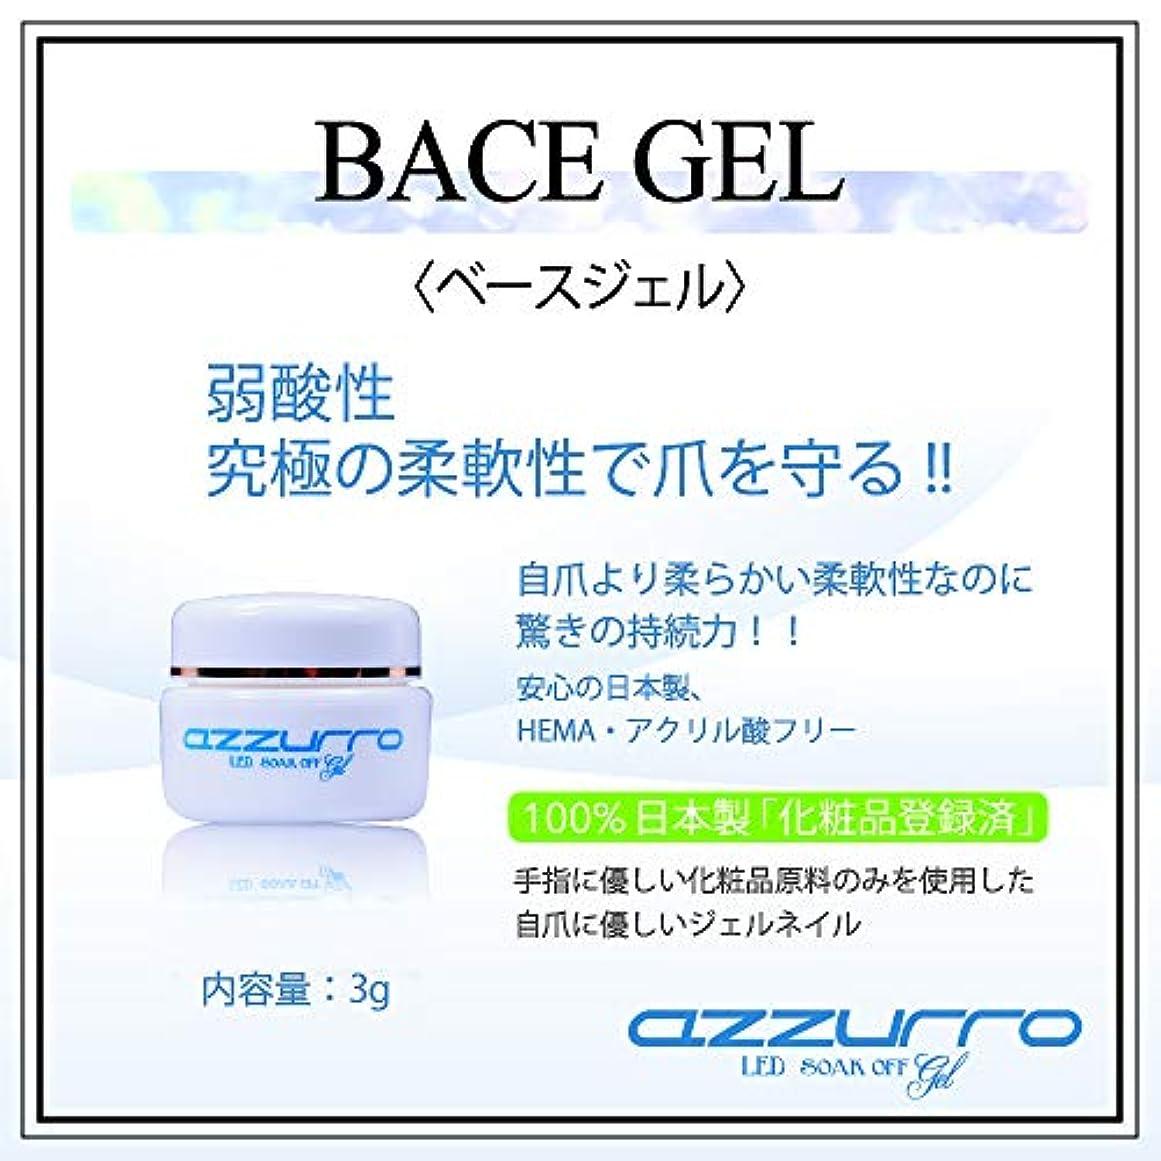 絞る優雅な習字azzurro gel アッズーロ ベースジェル 日本製 驚きの密着力 リムーバーでオフも簡単3g